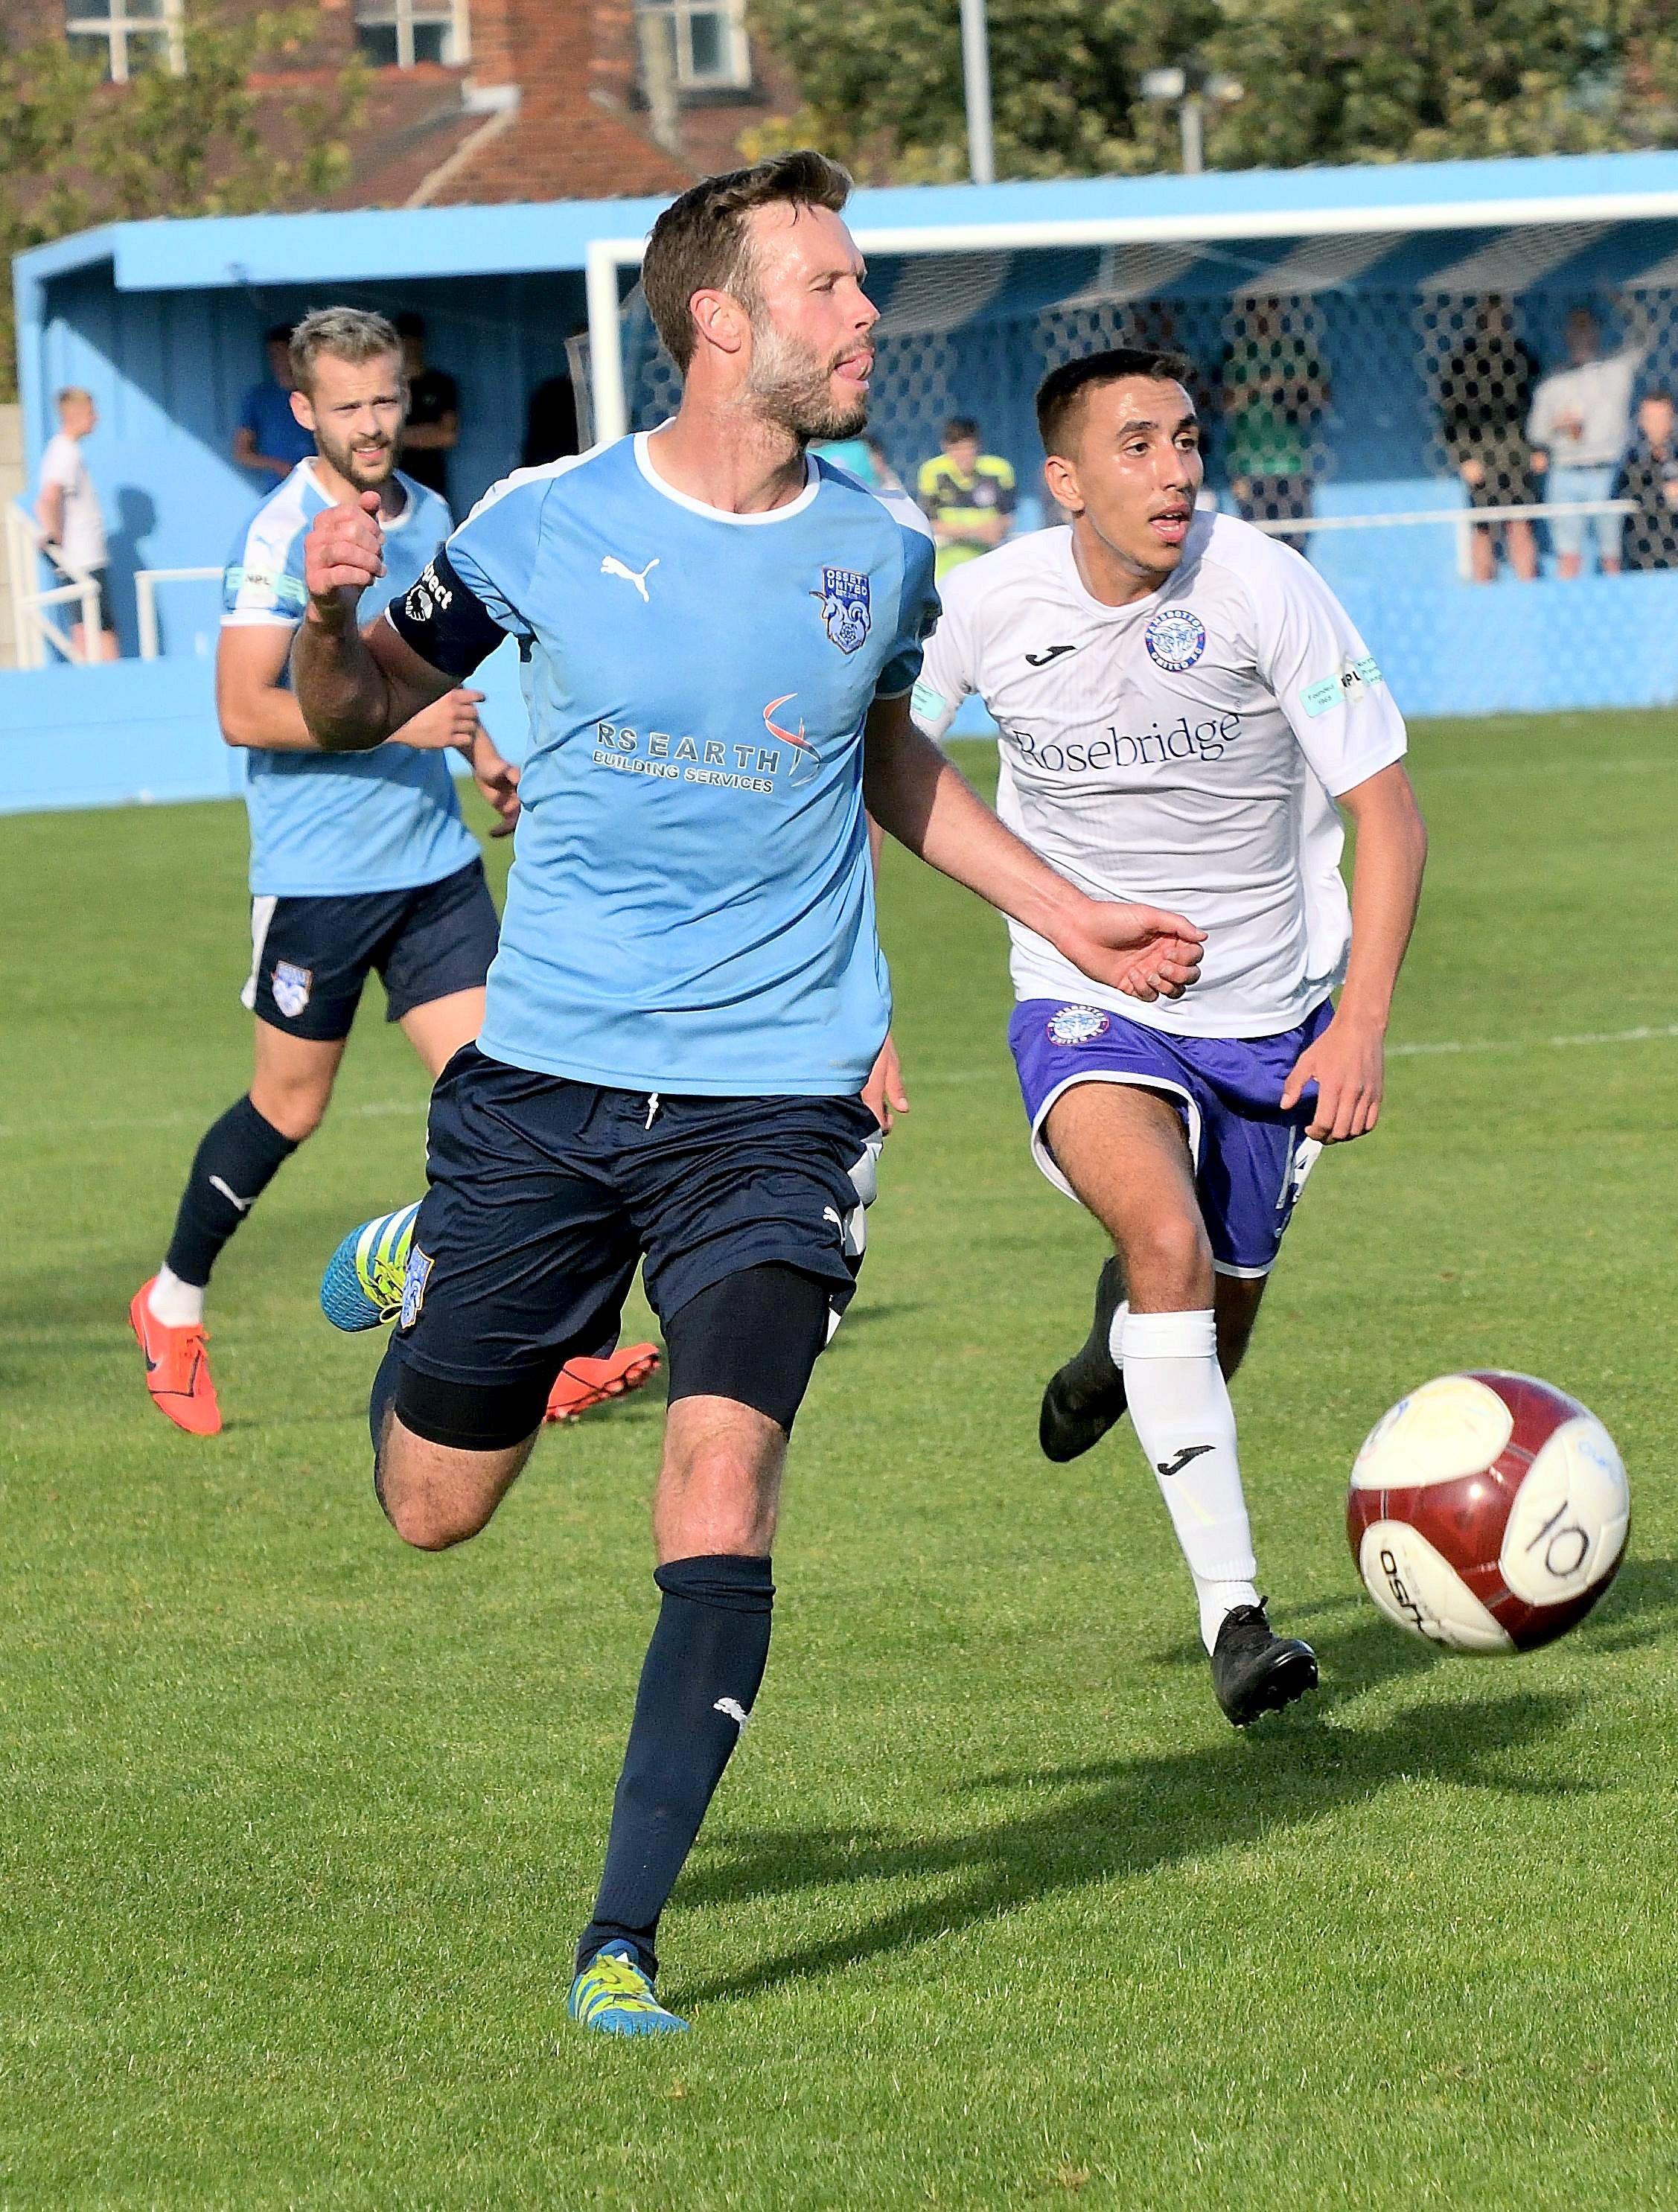 Ossett United 1 Rams 1 - Match Action